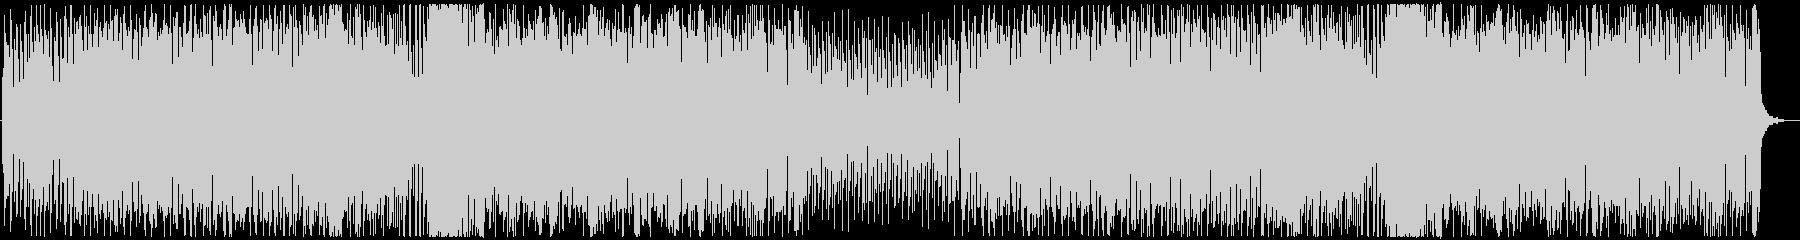 フルートが特徴的な民族音楽(イントロ無)の未再生の波形